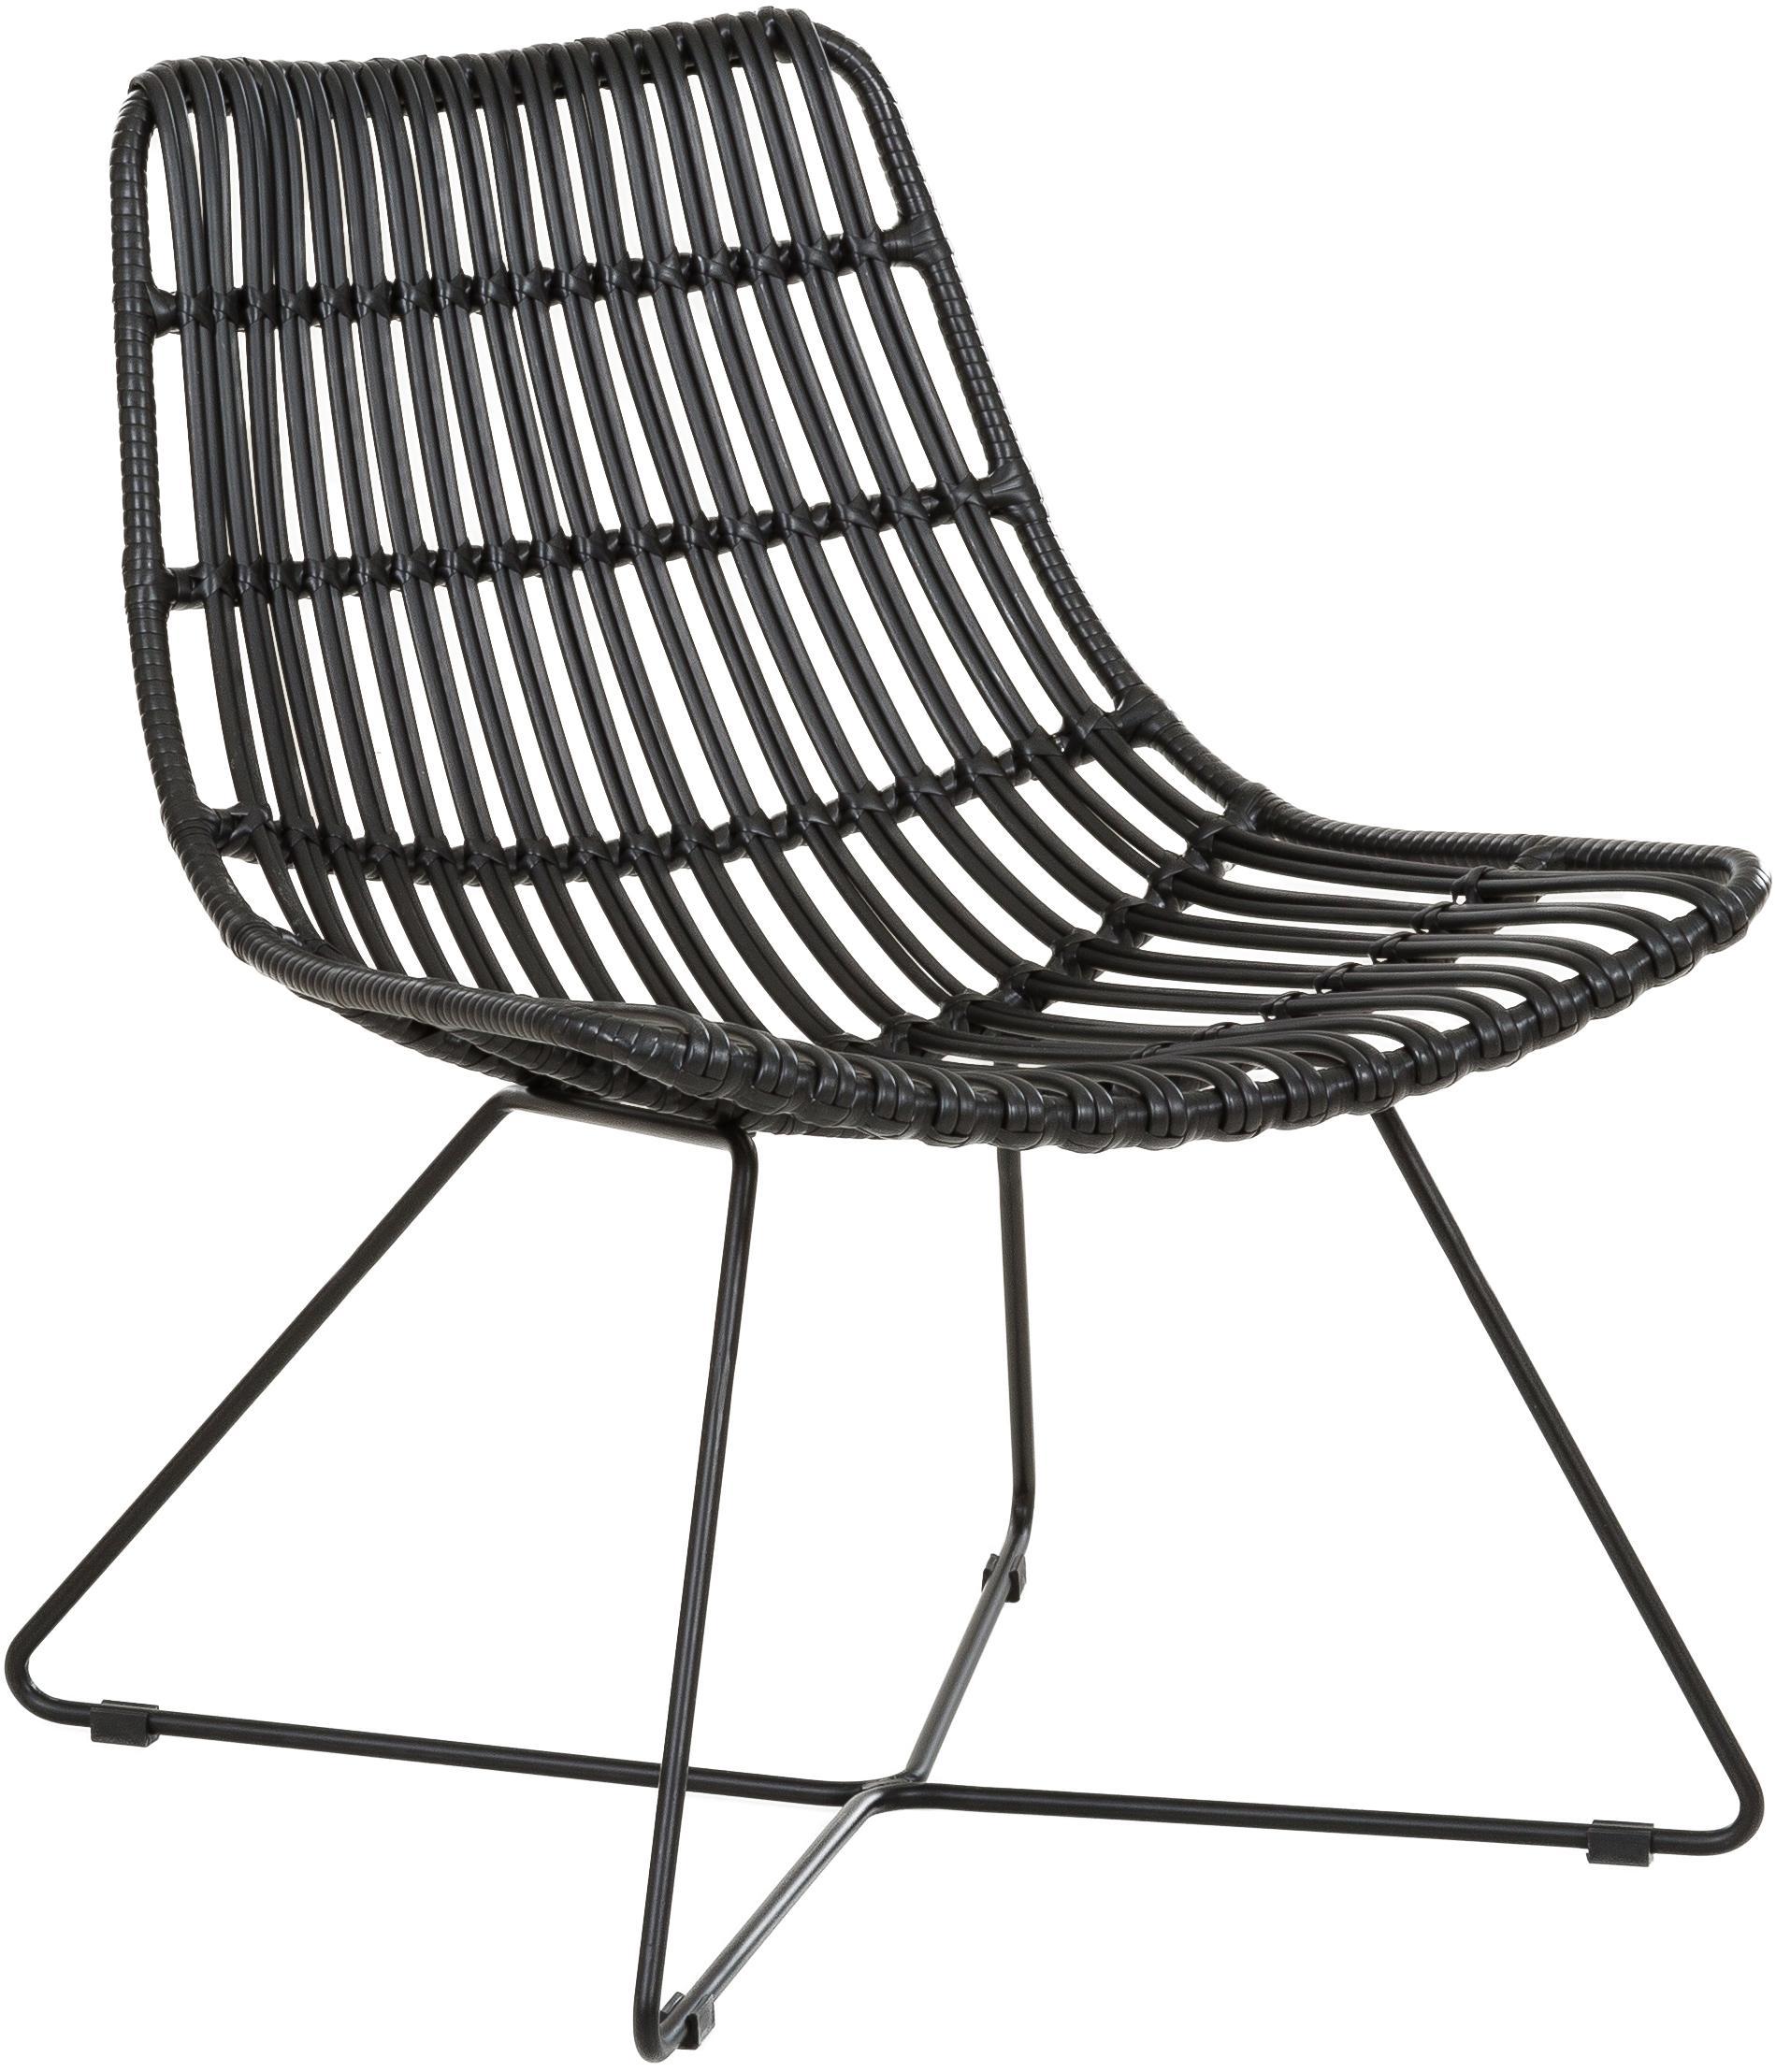 Sedia a poltrona con intreccio Sola, Seduta: treccia di polietilene, Struttura: metallo verniciato a polv, Nero, Larg. 64 x Prof. 64 cm